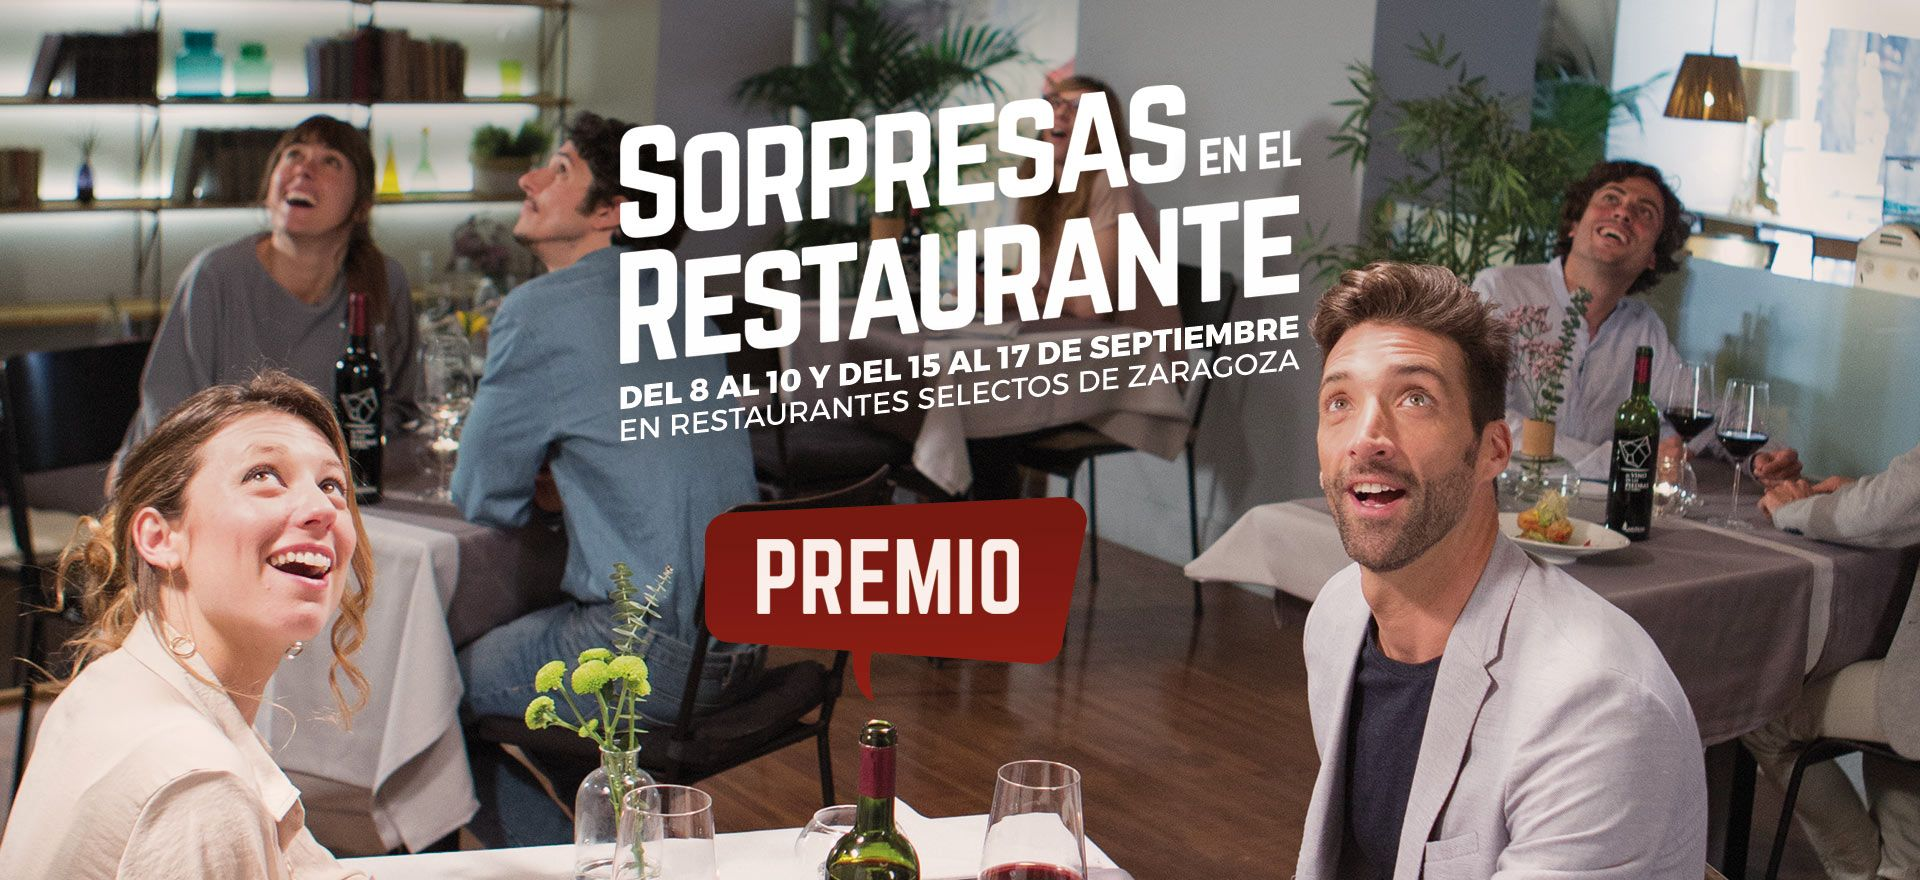 SorpresasEnElRestaurante